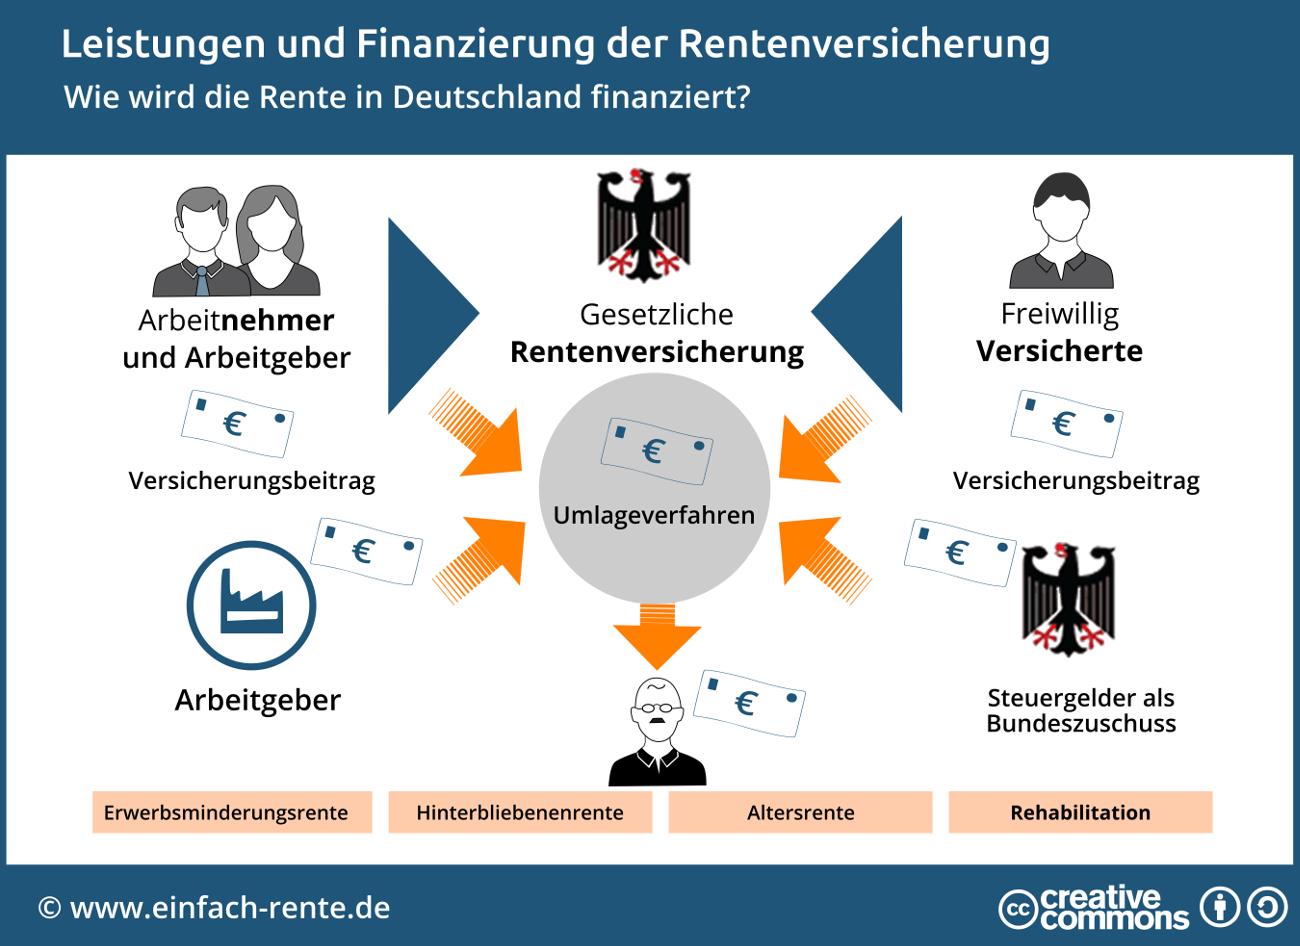 Wie wird die Rente in Deutschland finanziert?